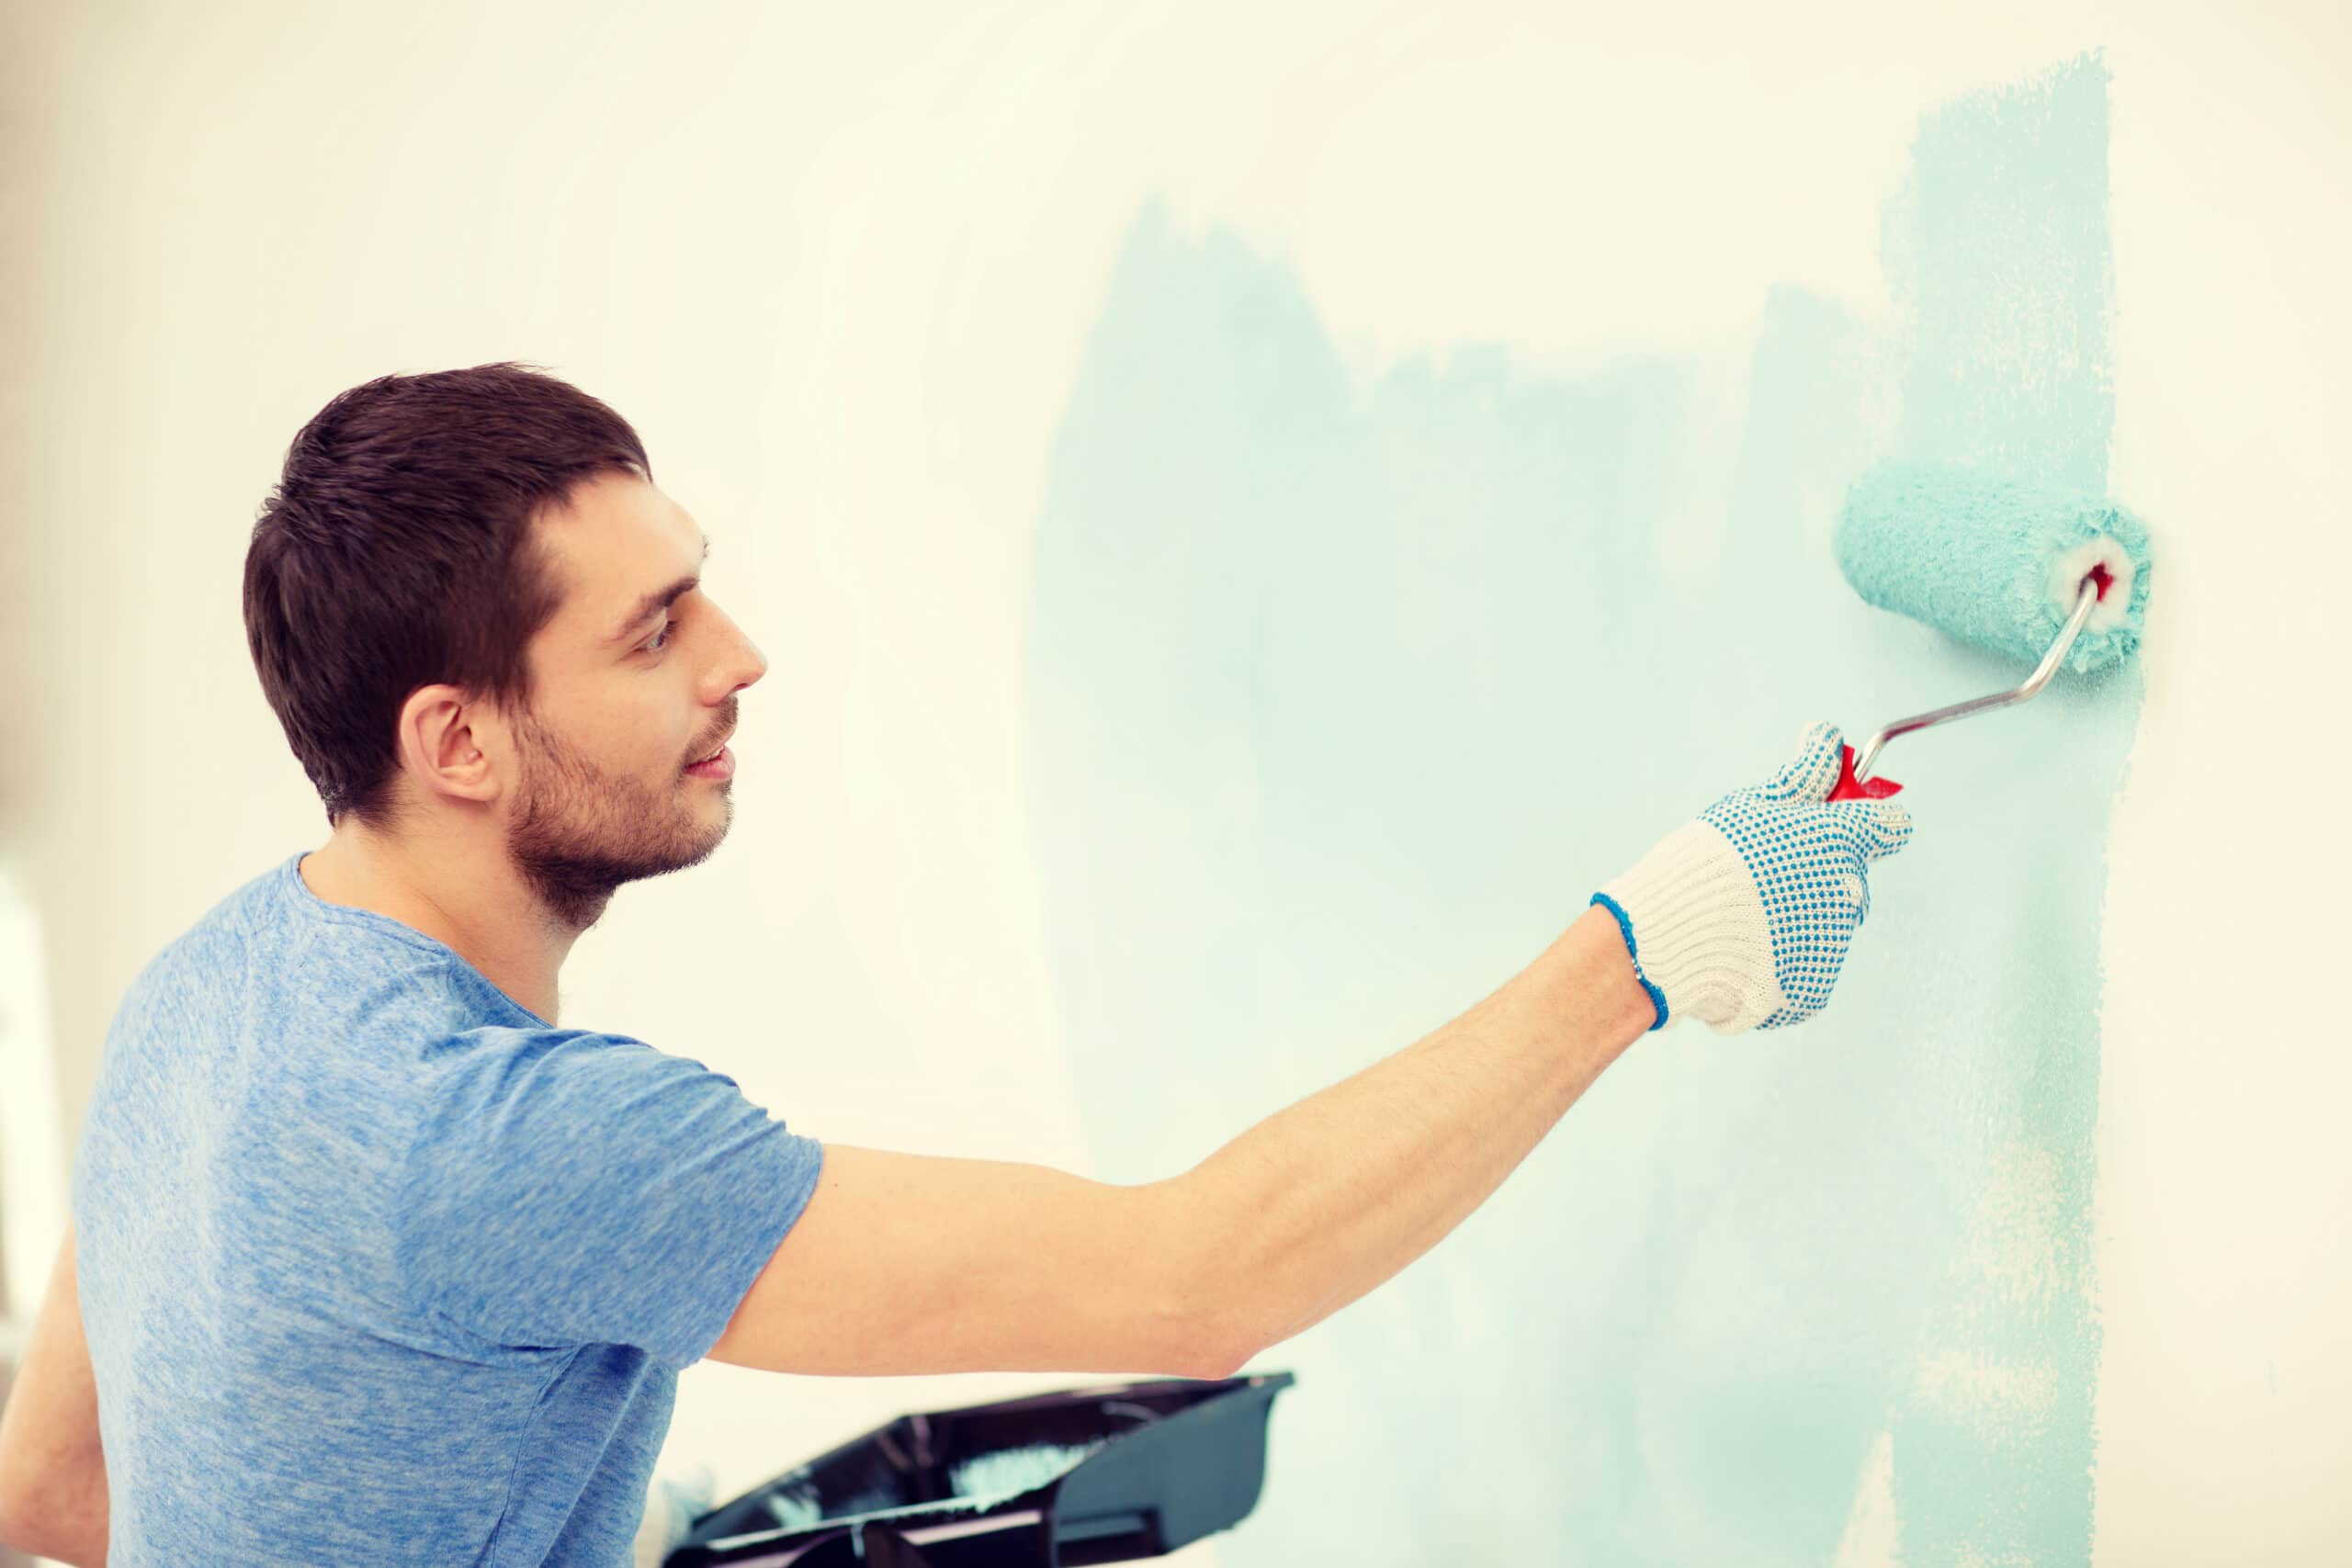 Laskuttaminen yksityishenkilönä. Mies maalaa seinää.